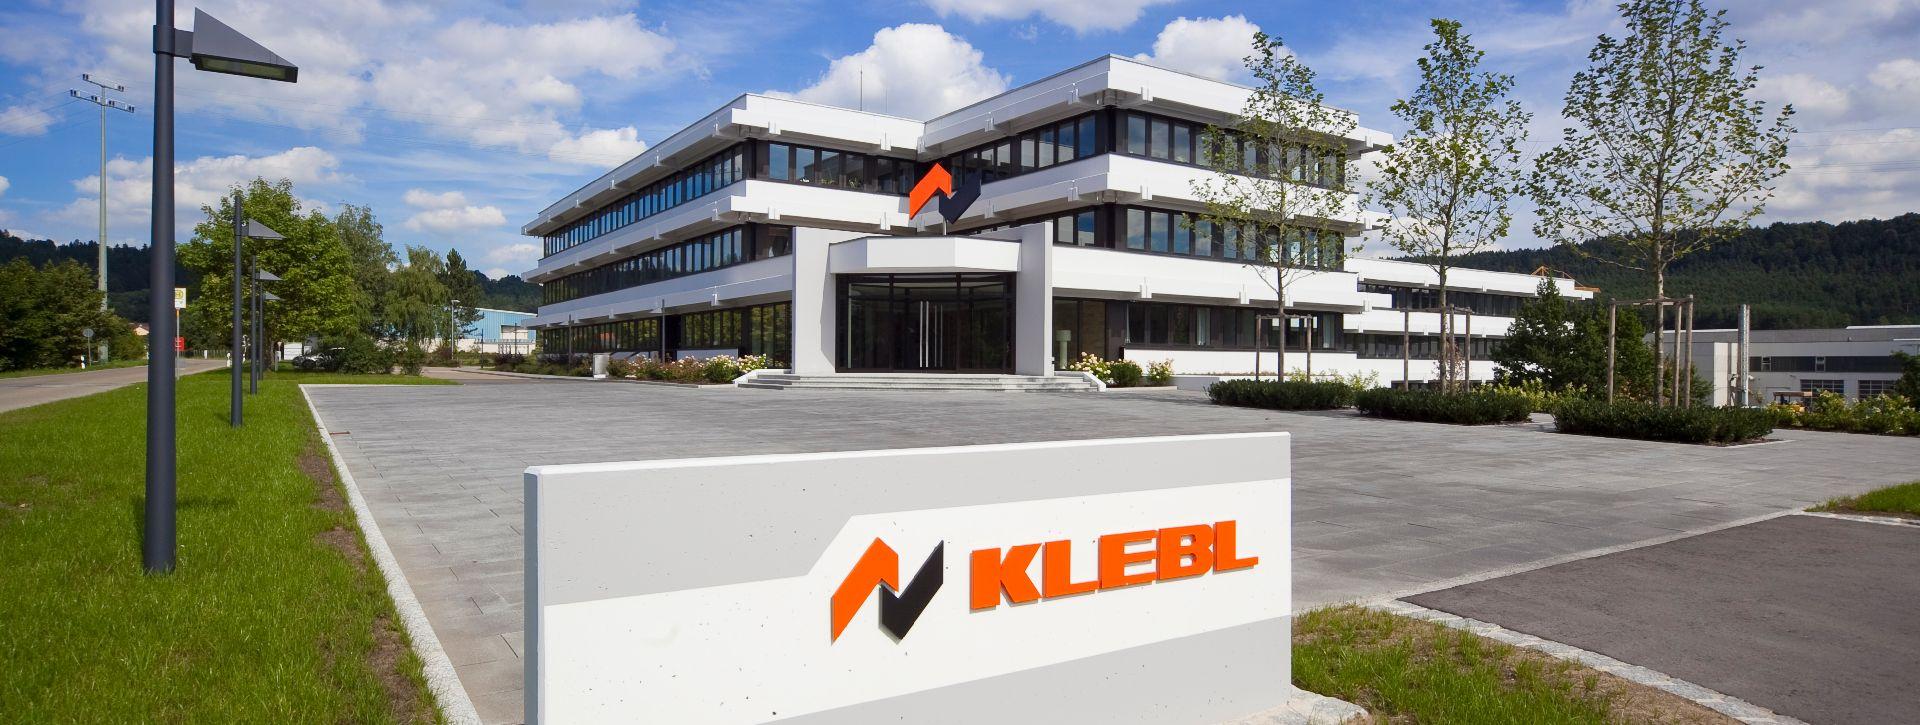 Bauunternehmen Klebl aktuell